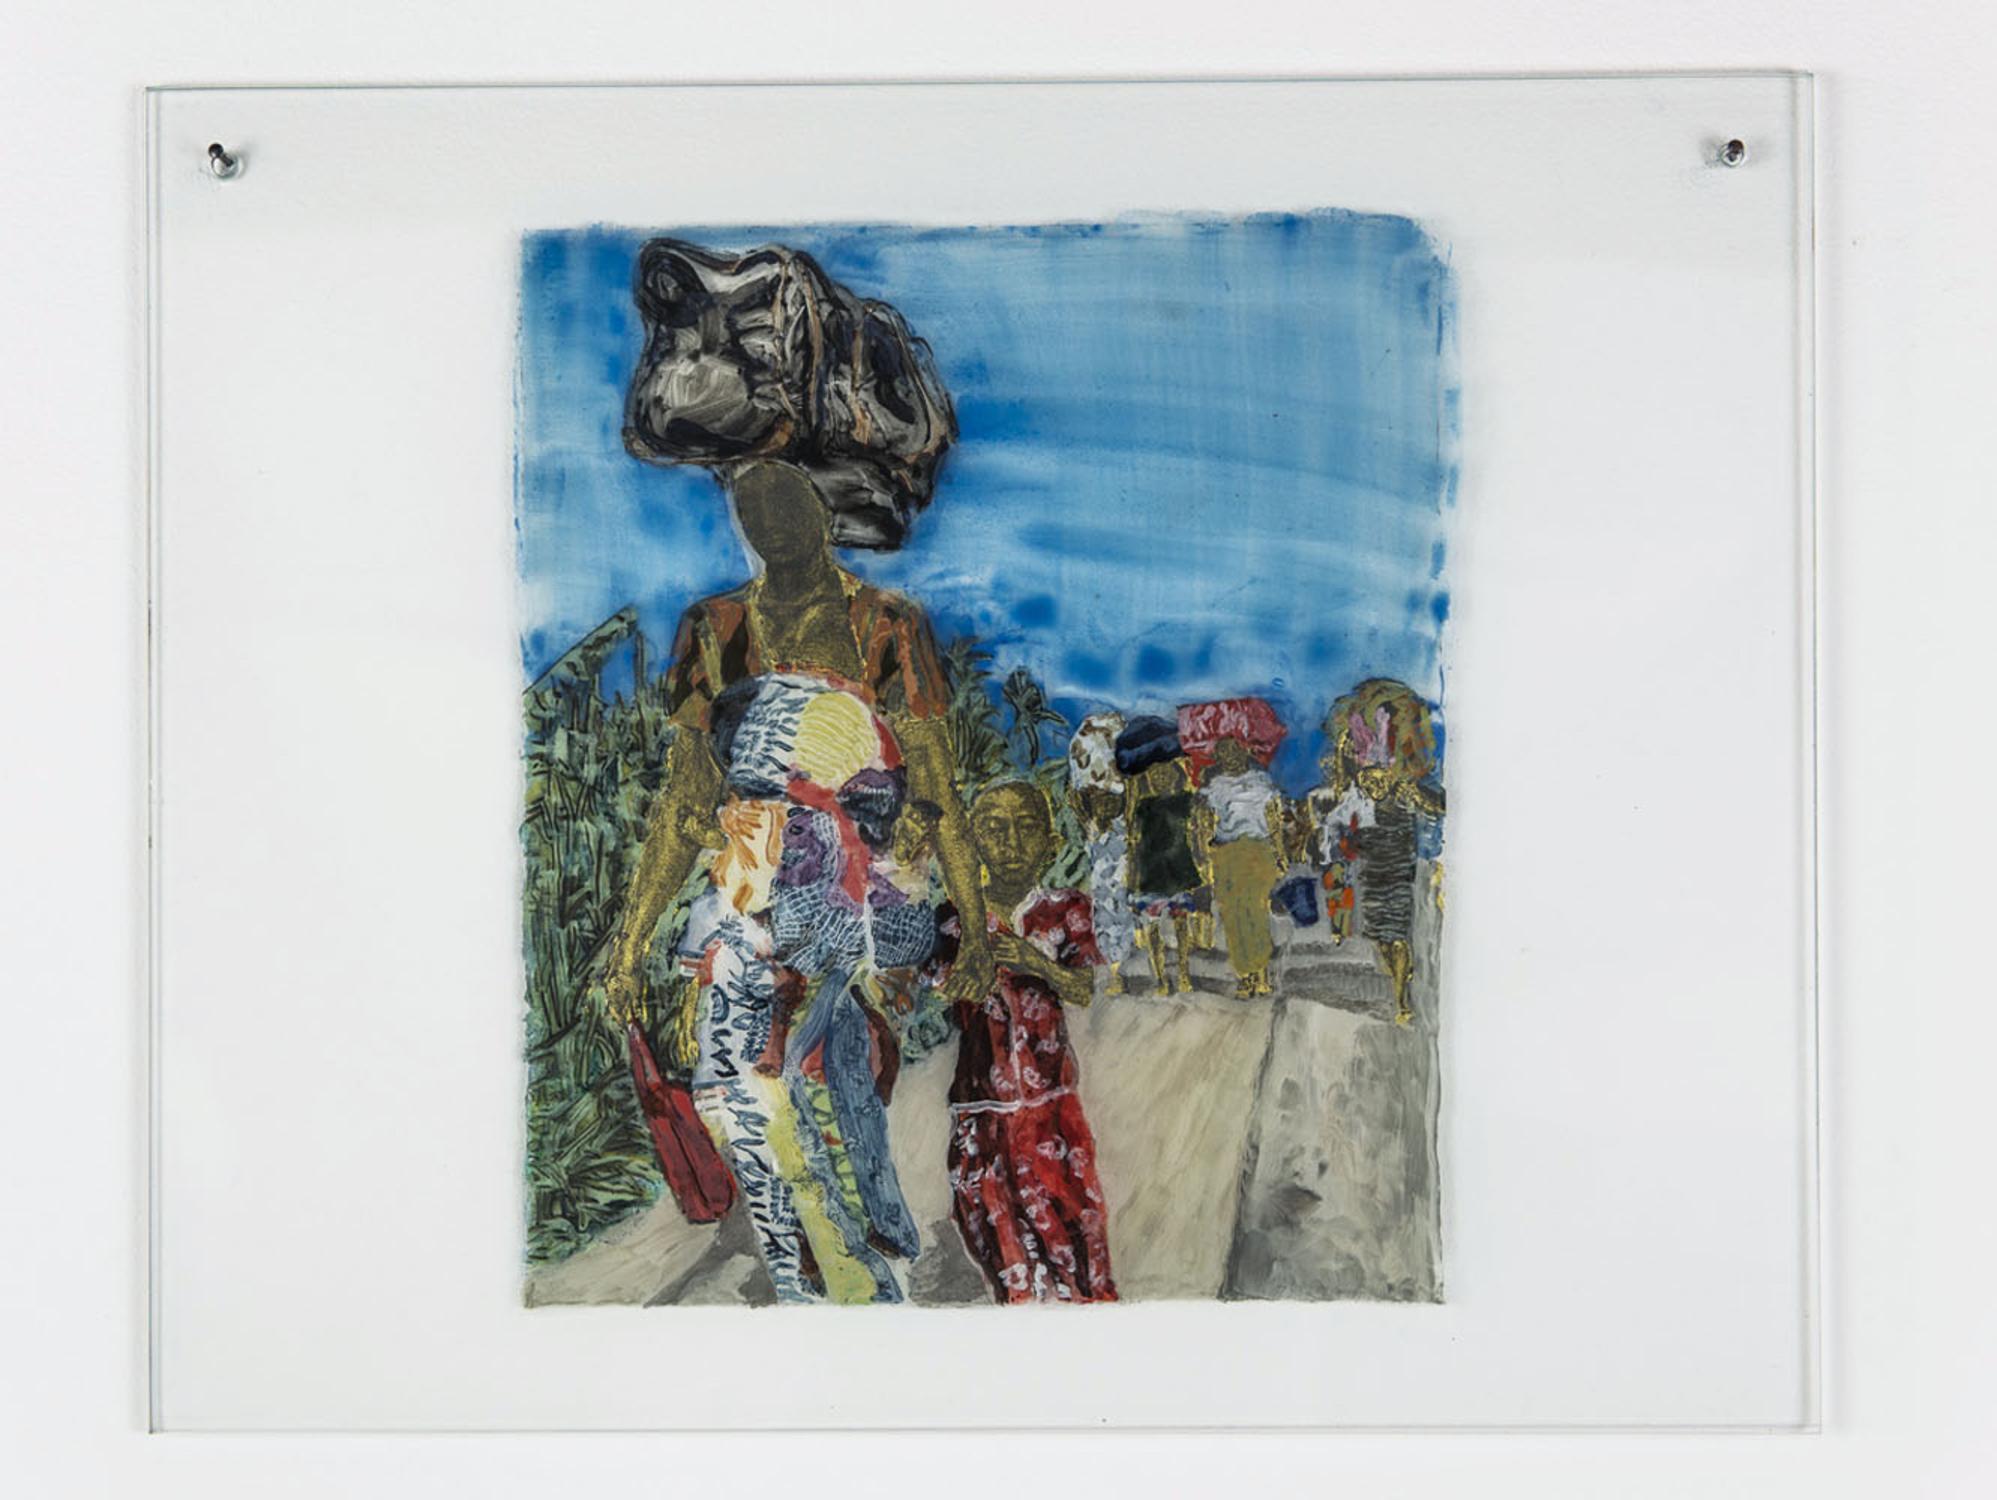 Kathrina Rudolph Hinterglasmalerei Afrika 720